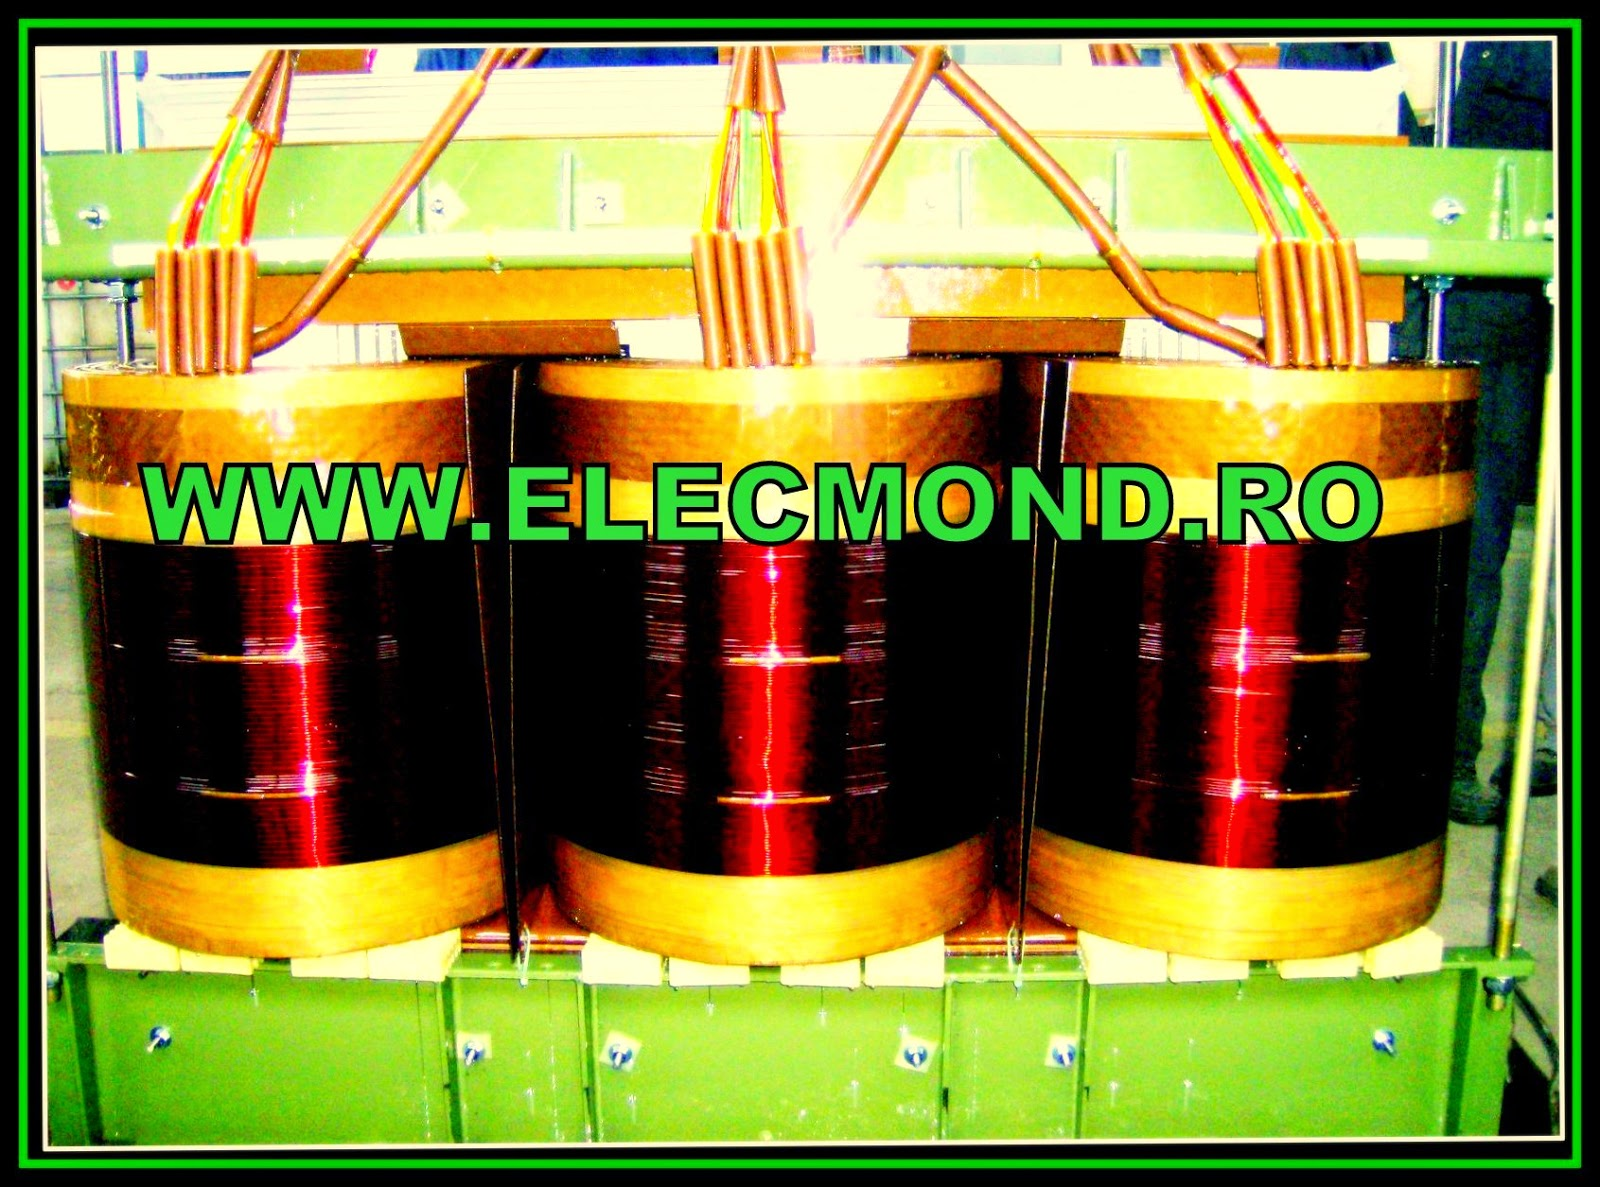 Transformatoare de putere  , #ELECMOND , #TRANSFORMATOARE CUPRU ,  #TRANSFORMATOARE BOBINAJ CUPRU ,  #TRAFO CUPRU  ,  #TRANSFORMATOR INFASURARI CUPRU , #ELECMOND ELECTRIC ,  #BOBINAJ TRANSFORMATOARE